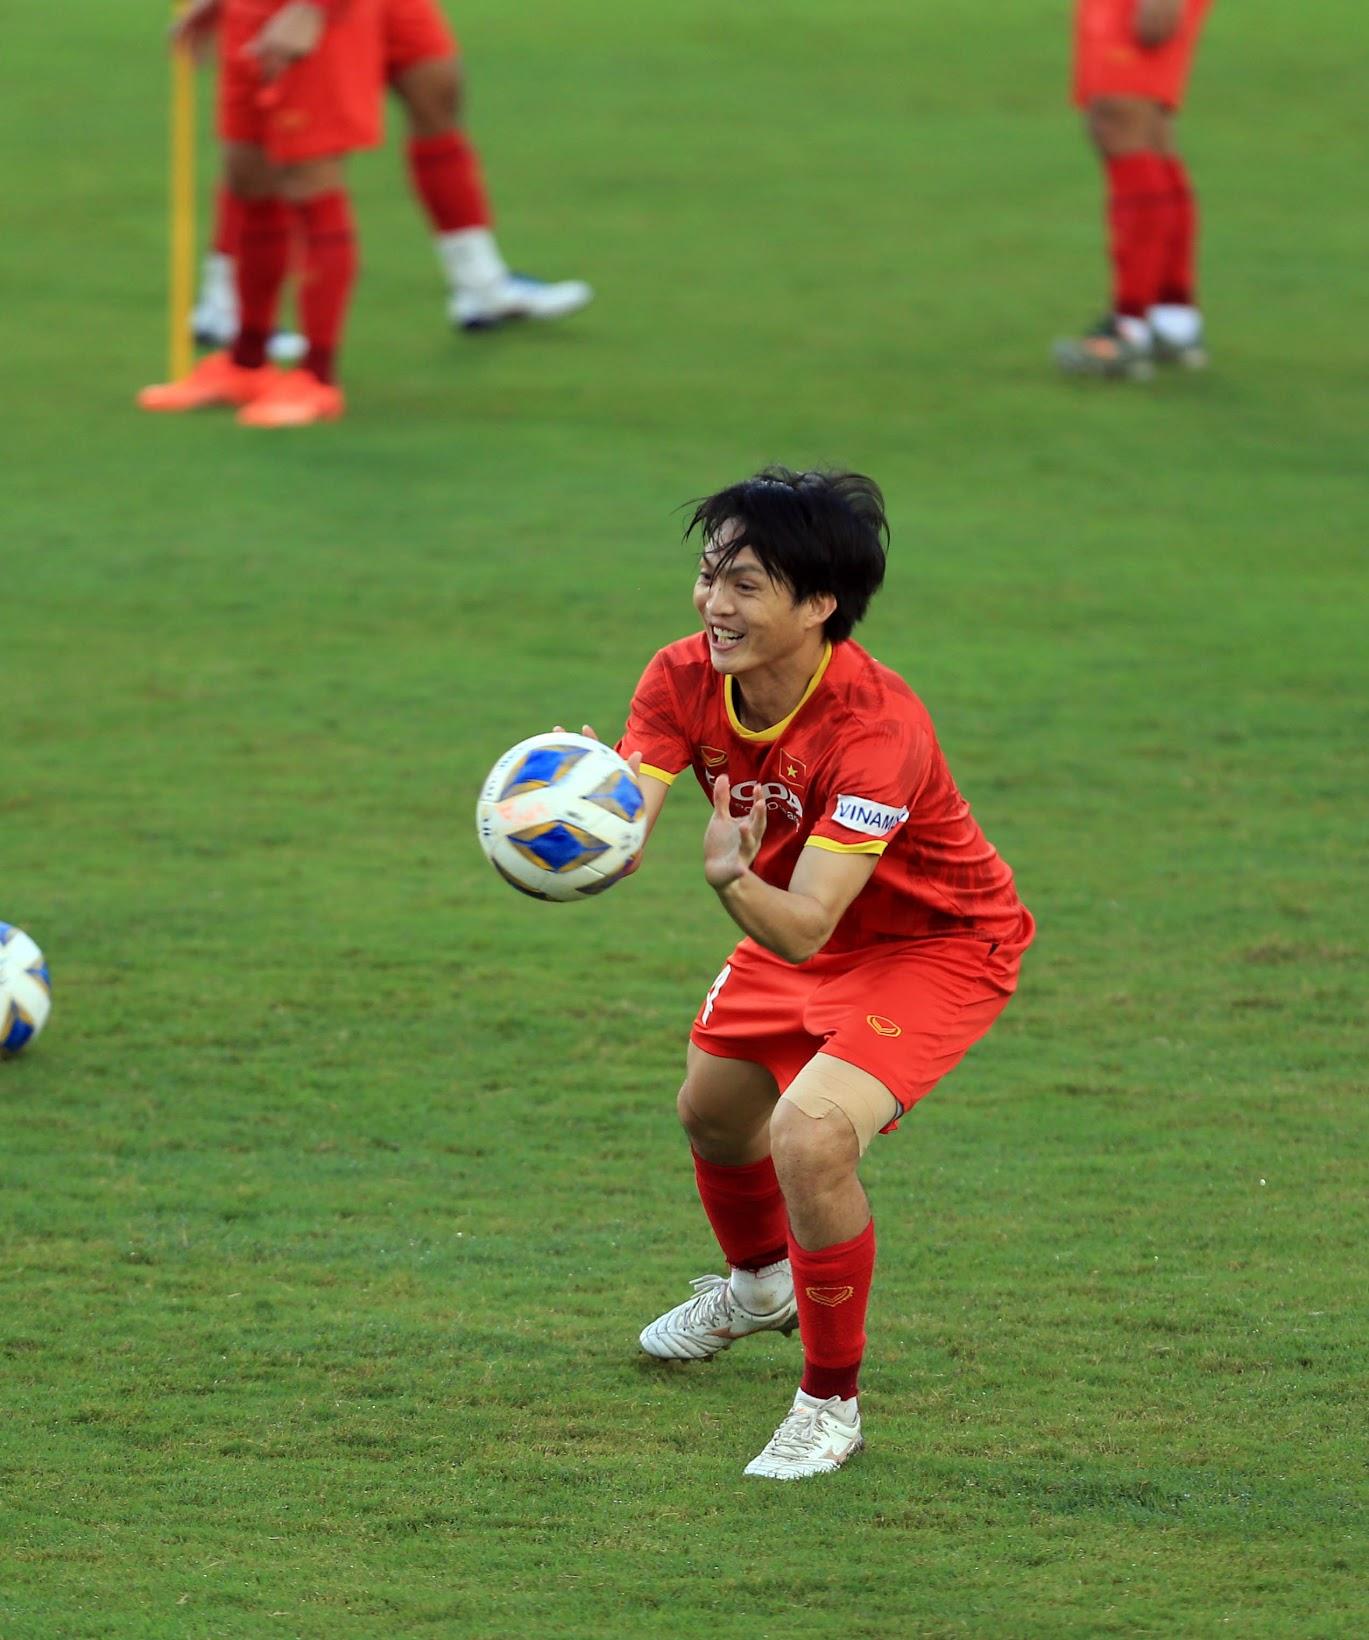 Tuấn Anh và đồng đội hào hứng khi trở thành thủ môn bất đắc dĩ cho tuyển Việt Nam - ảnh 5